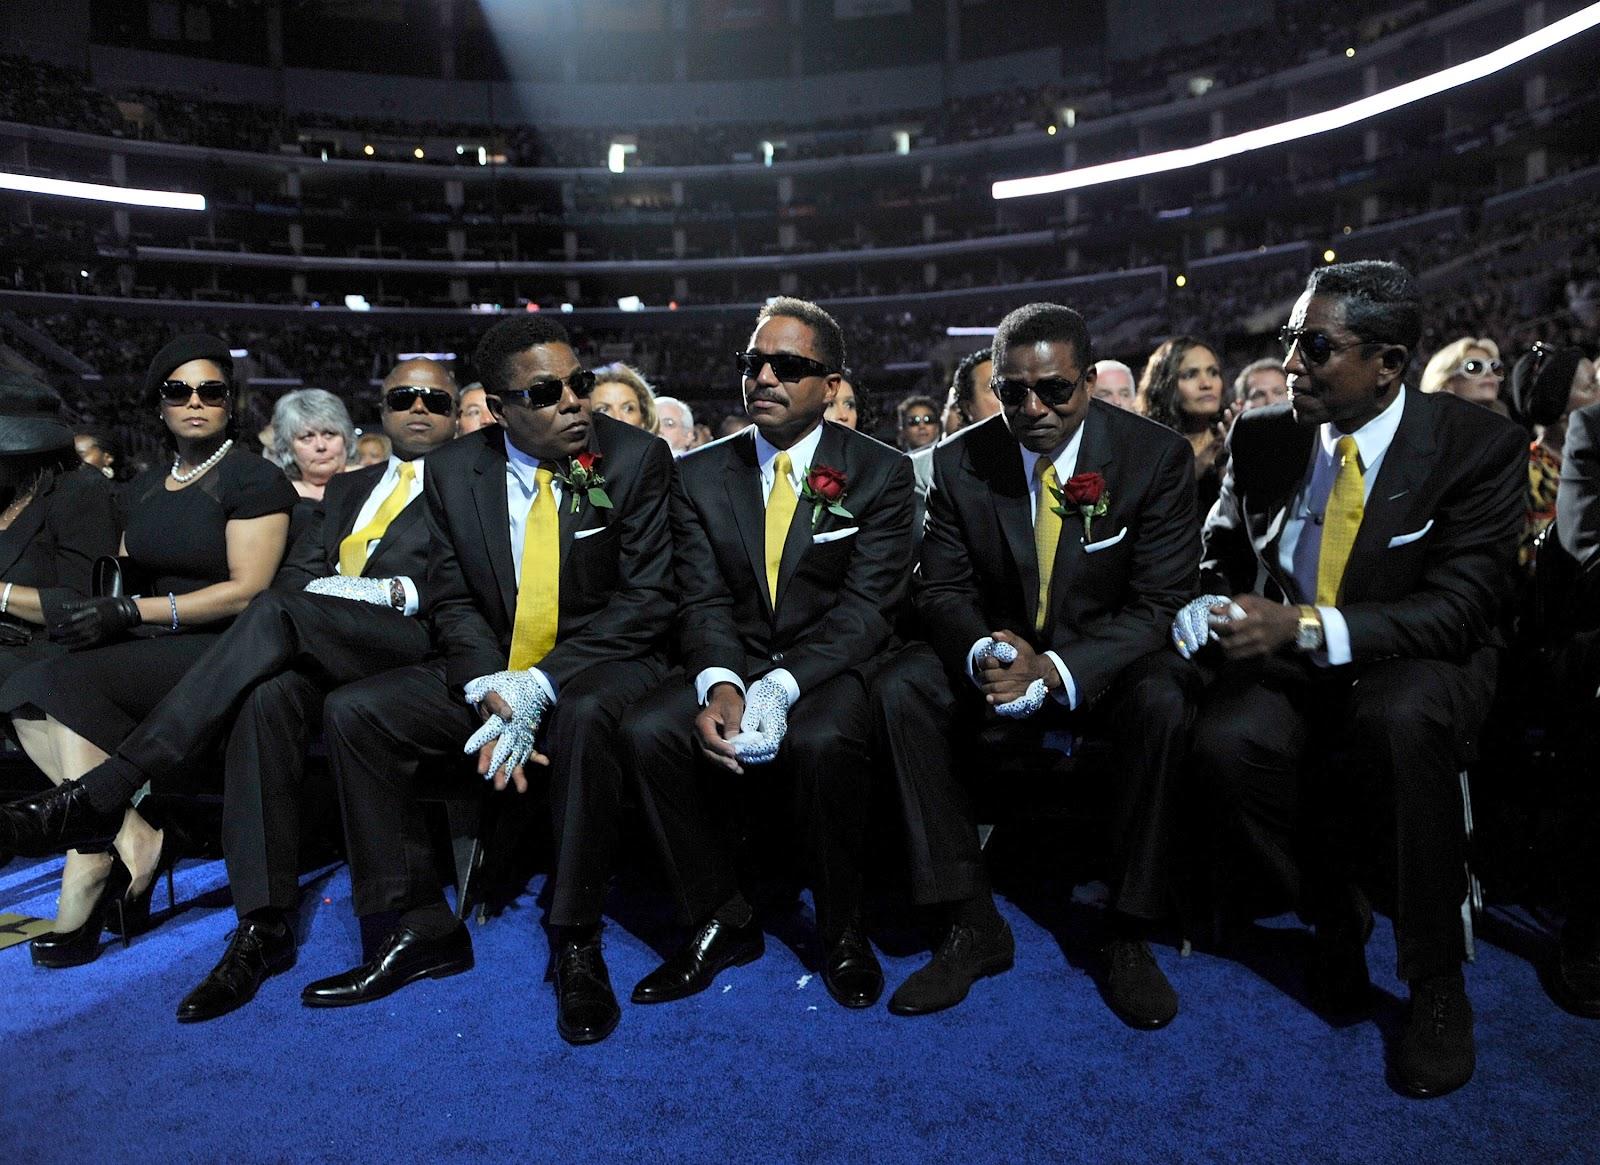 http://2.bp.blogspot.com/-lF4qsxq1cNs/T-iSmCTpUbI/AAAAAAAAHrc/JZ3b8KGKsUI/s1600/michael-jackson2.jpg